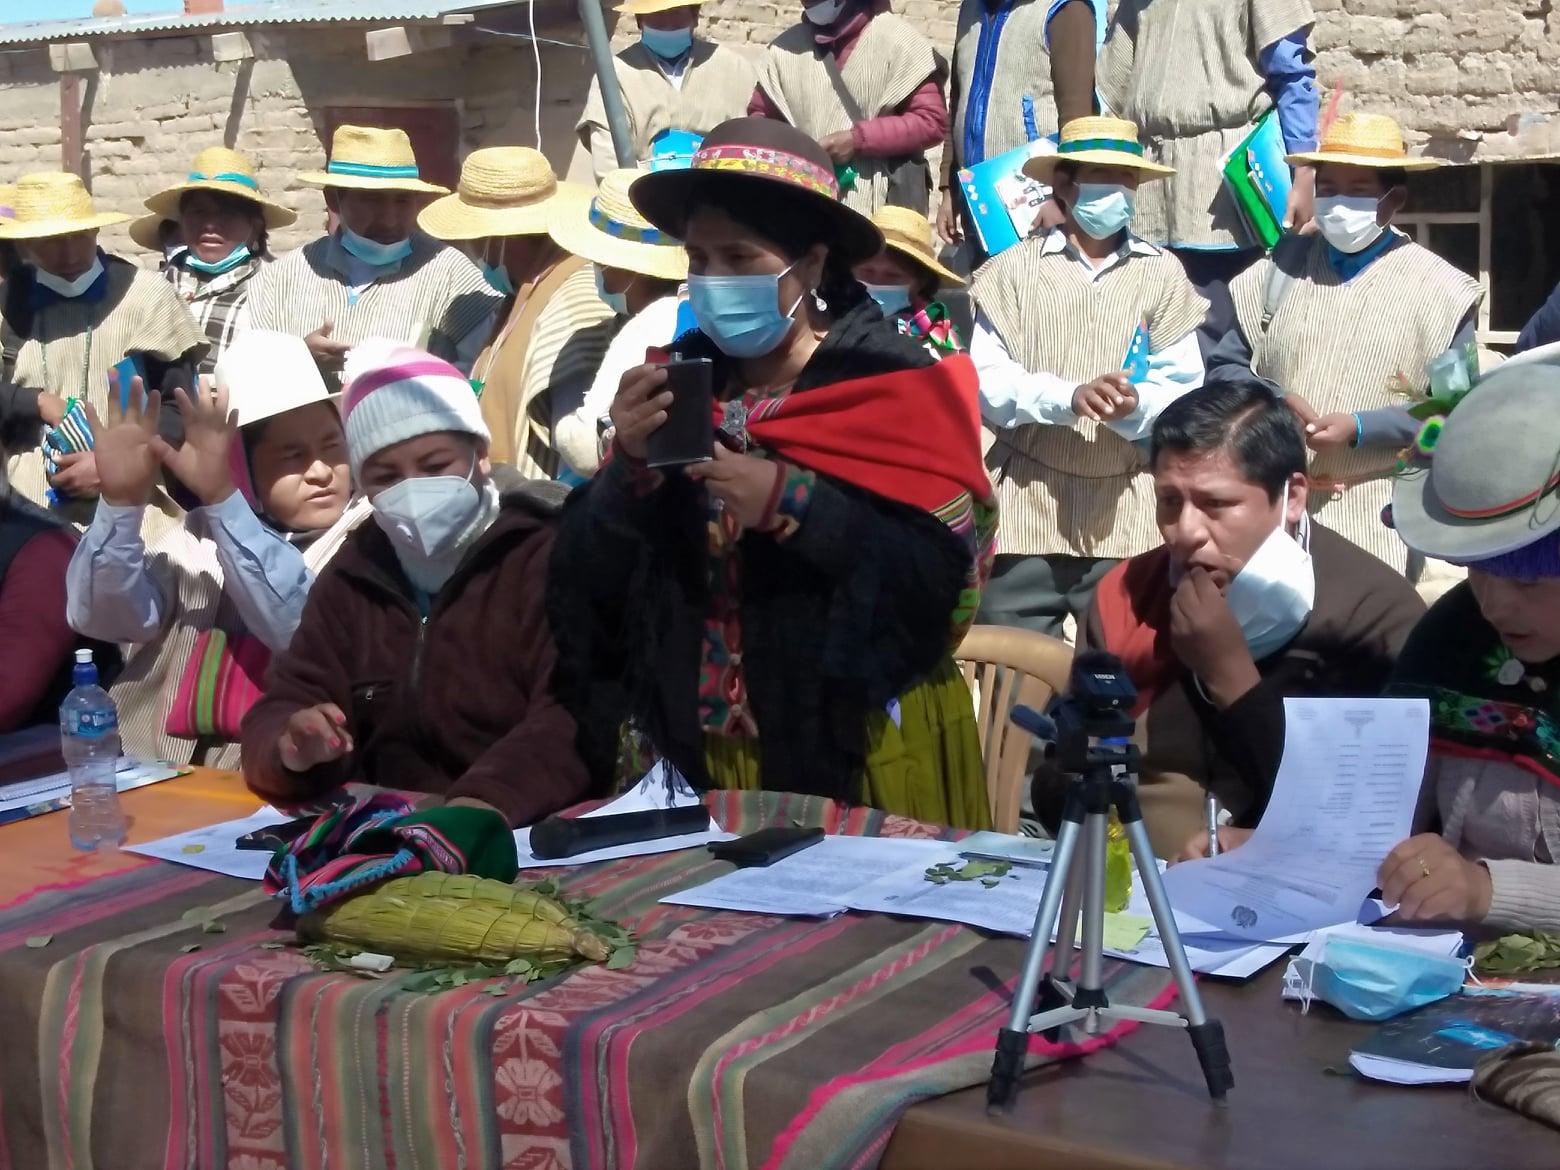 Lero preside la Comisión de Naciones y Pueblos Indígena Originario Campesinos, Culturas e Intercultural de la Cámara de Diputados / FACEBOOK